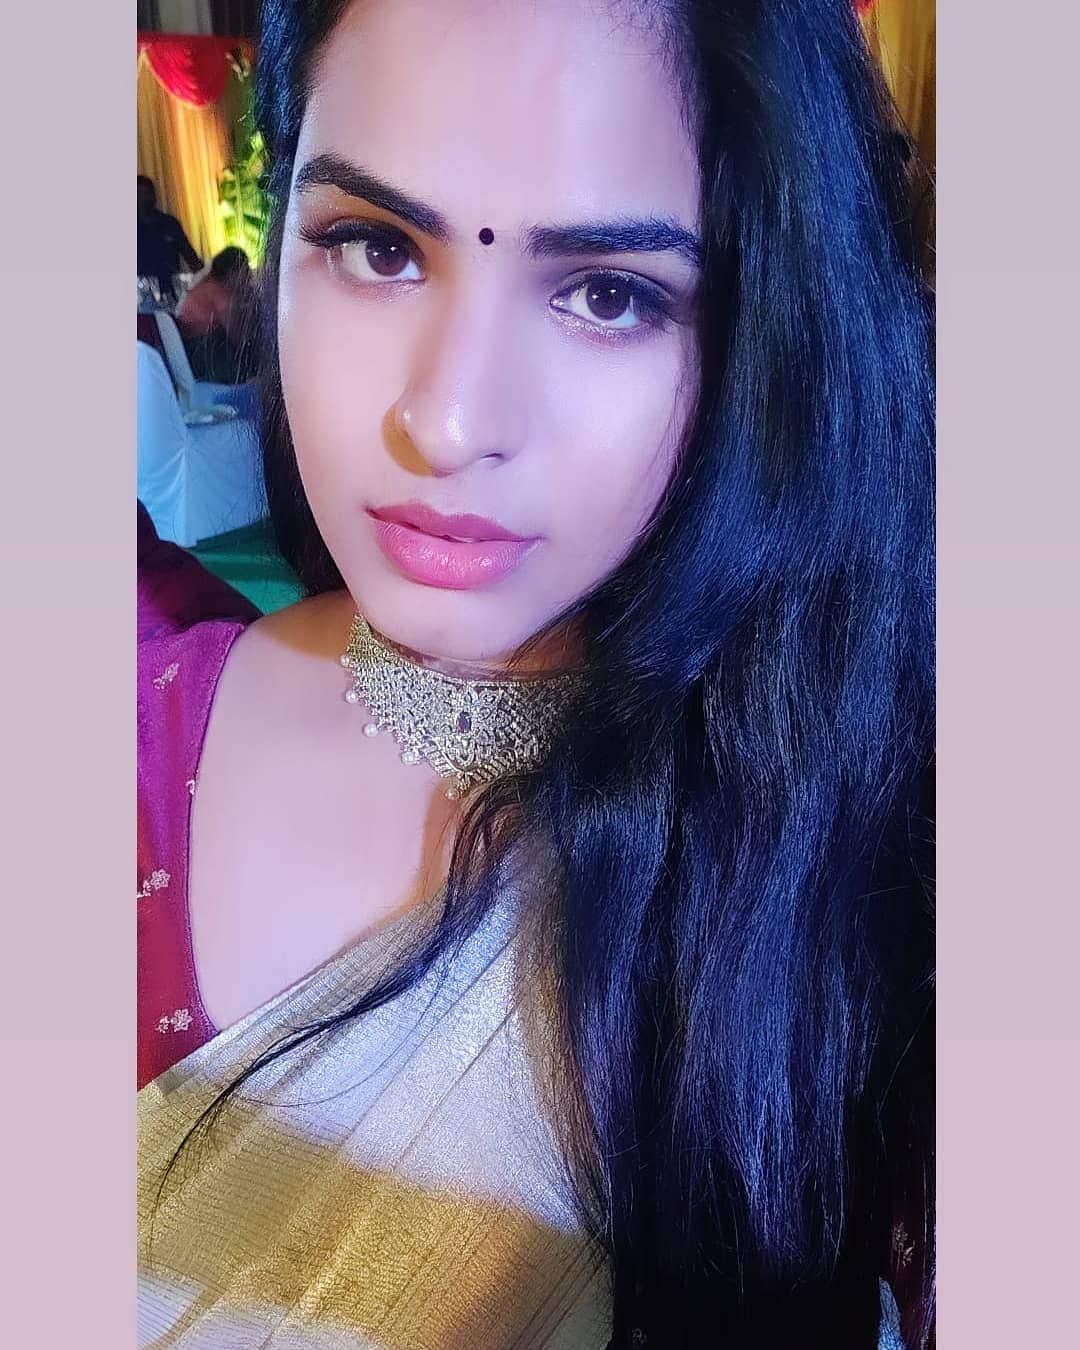 జబర్దస్త్ బ్యూటీ ప్రియాంక సింగ్ (Image:Instagram)